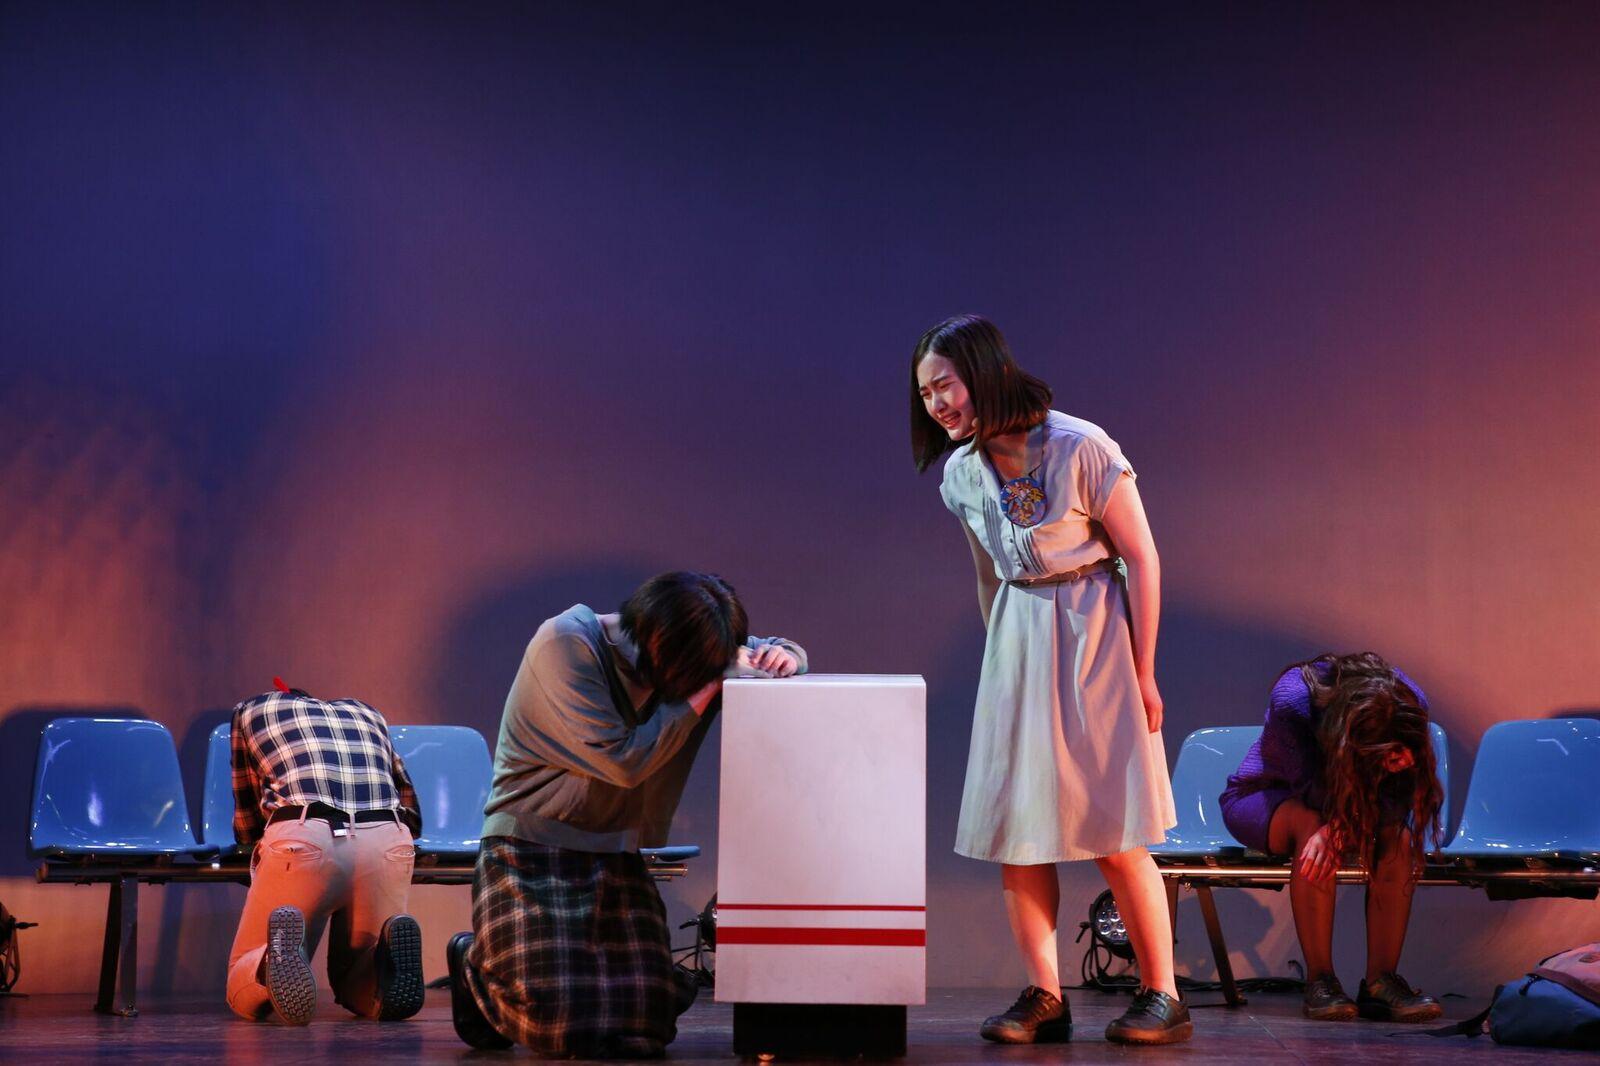 劇団4ドル50セント 週末定期公演 Vol.1舞台写真9